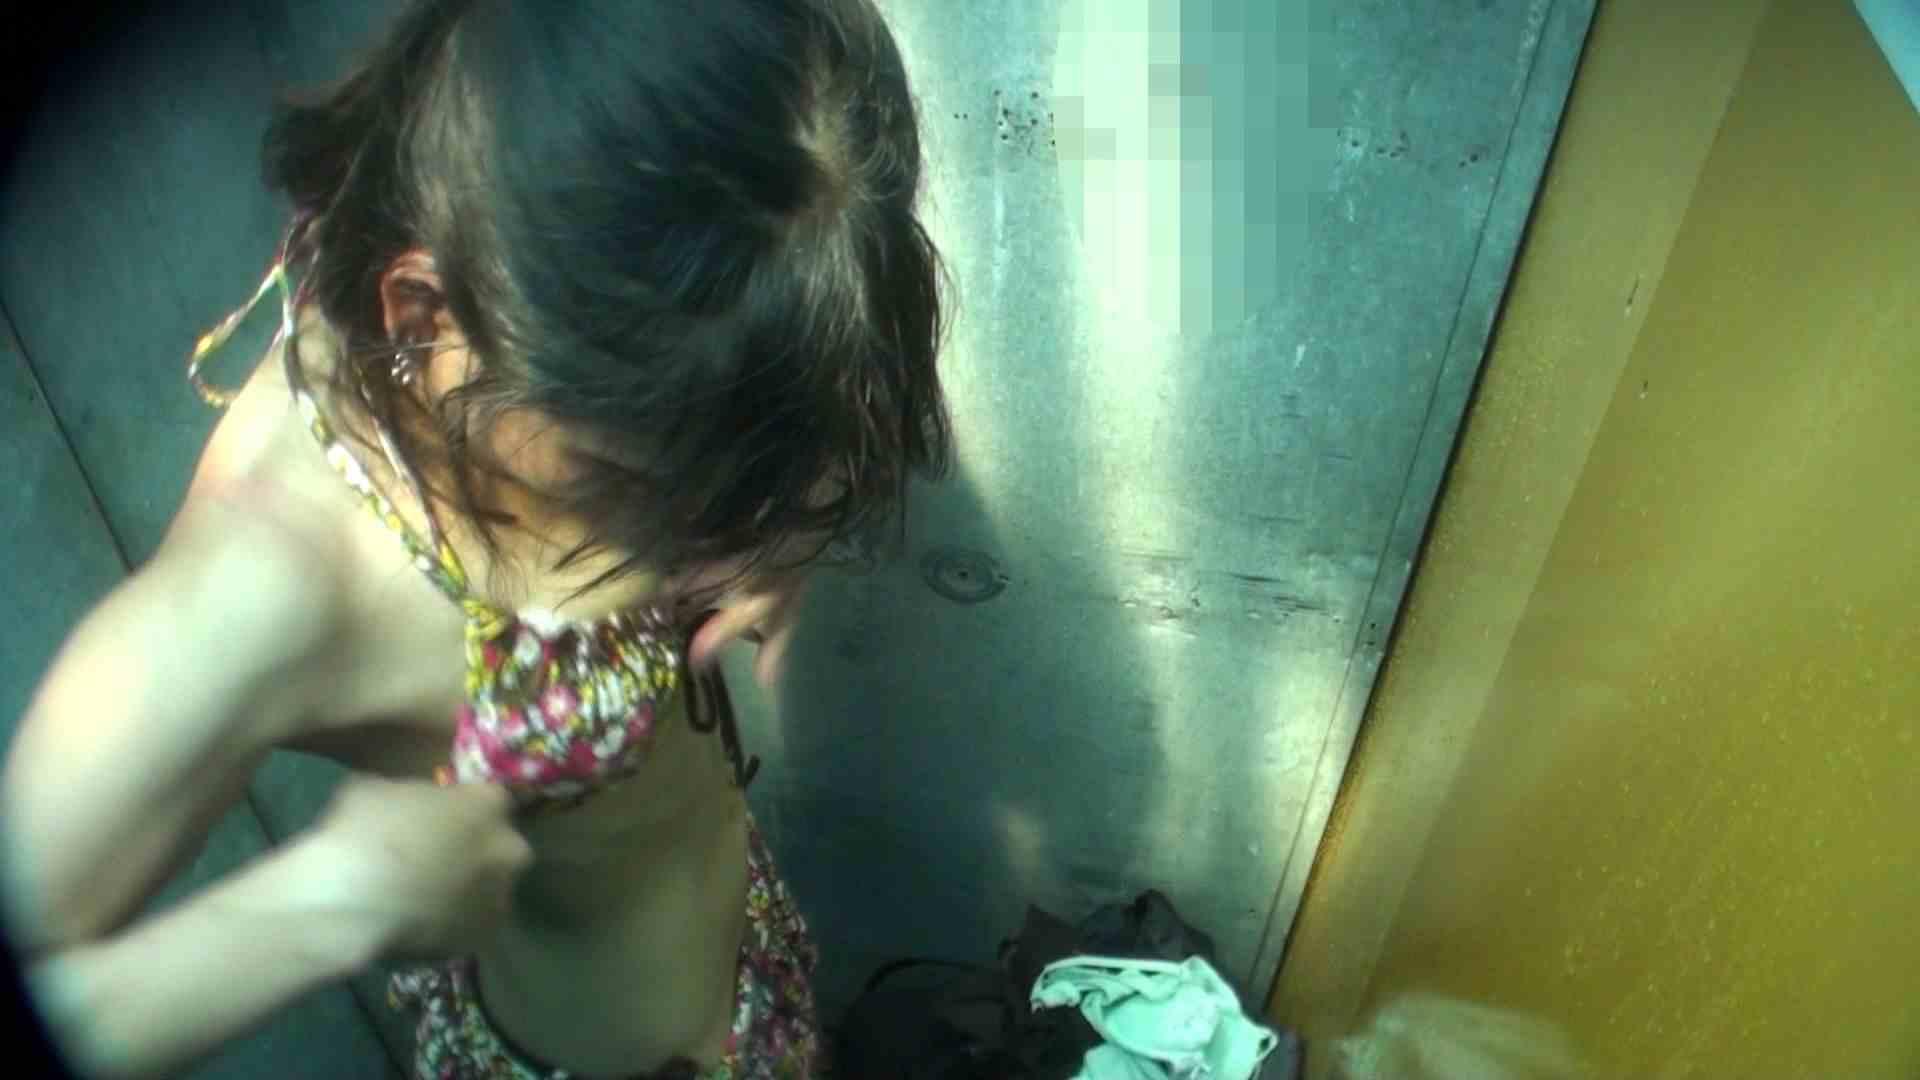 シャワールームは超!!危険な香りVol.16 意外に乳首は年増のそれ 乳首ポロリ  108画像 48